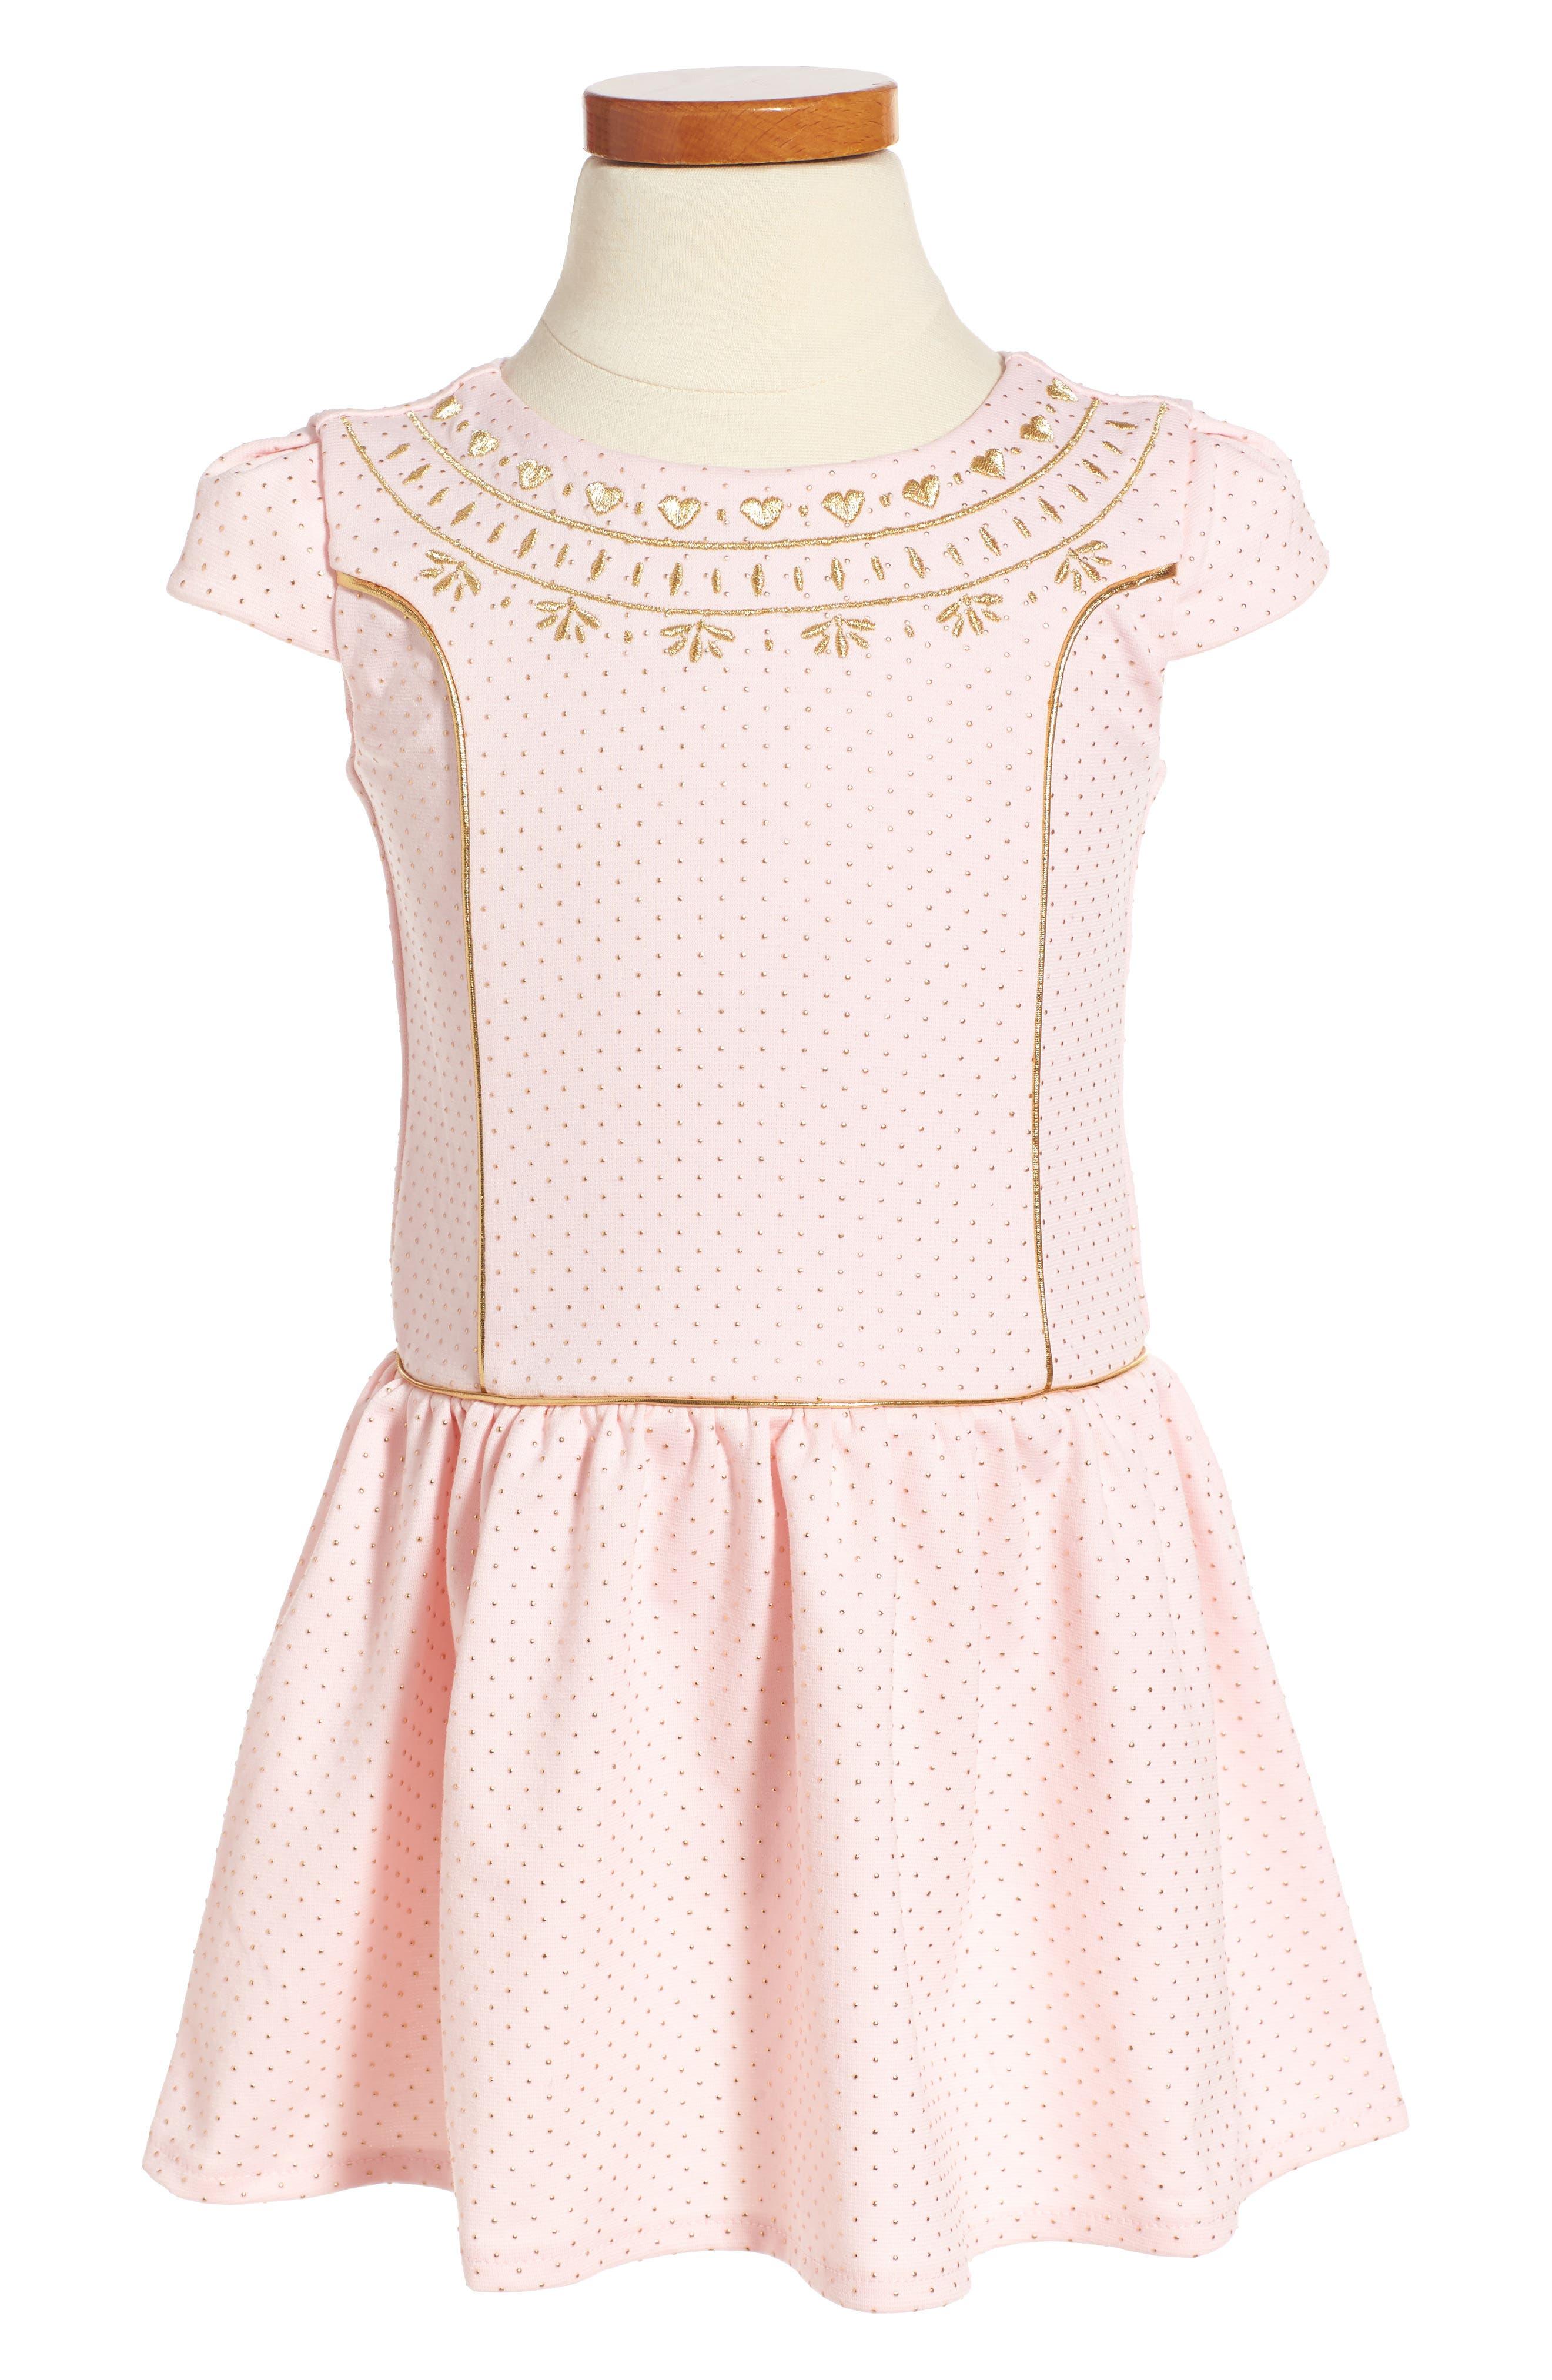 Alternate Image 1 Selected - Little Angels Princess Drop Waist Dress (Toddler Girls & Little Girls)